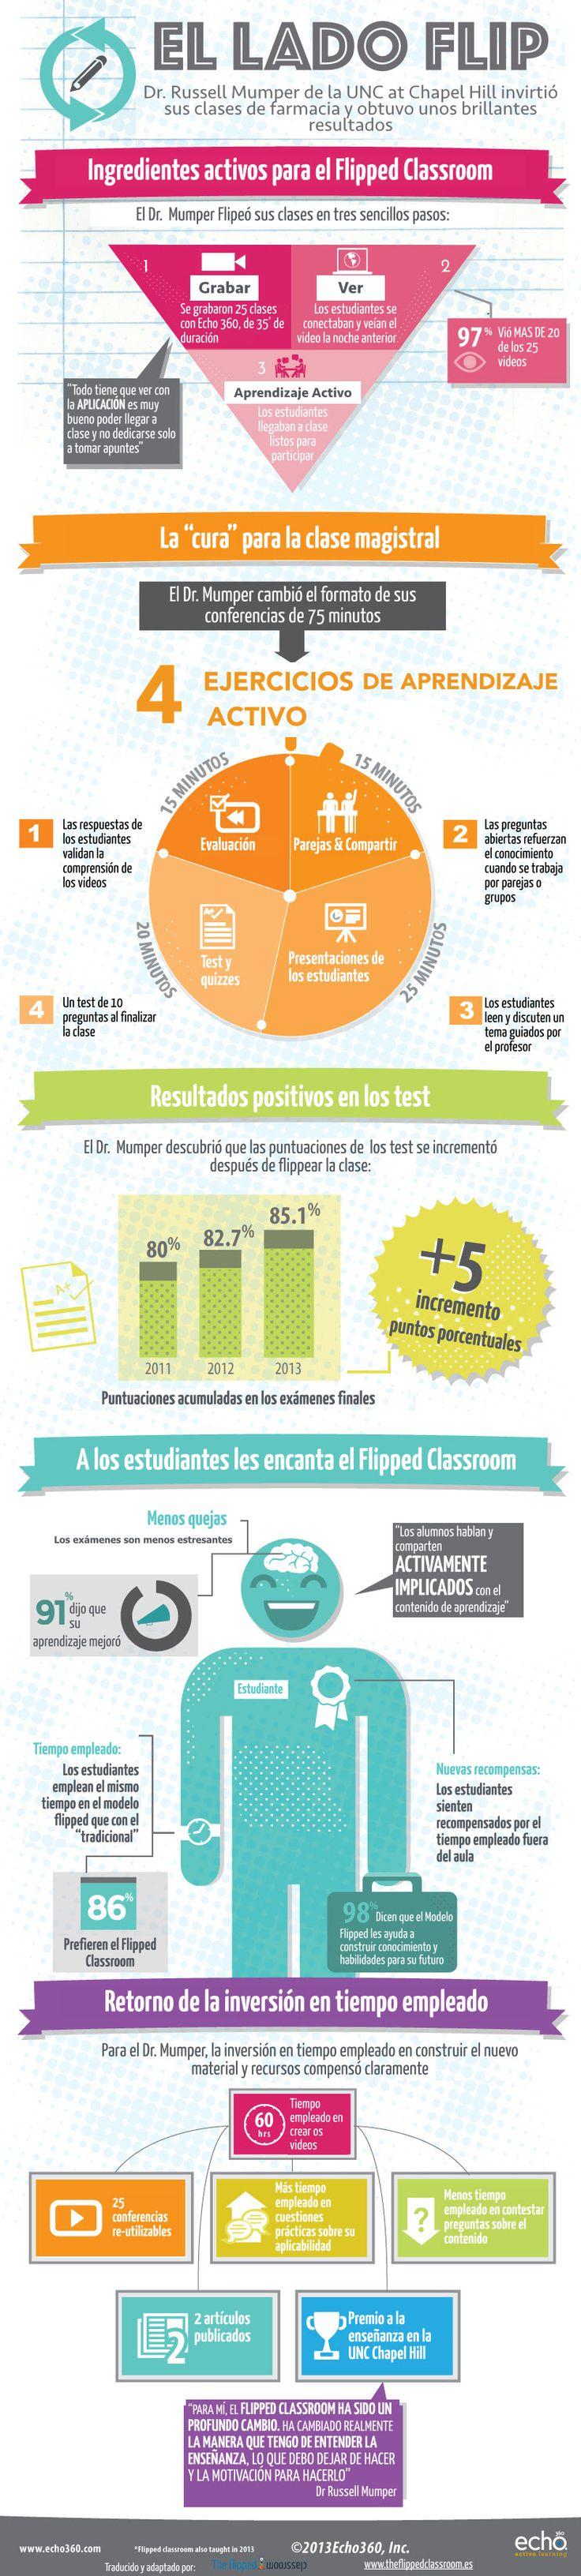 Infografía interesante donde reconocer los pasos para llevar a cabo una clase invertida